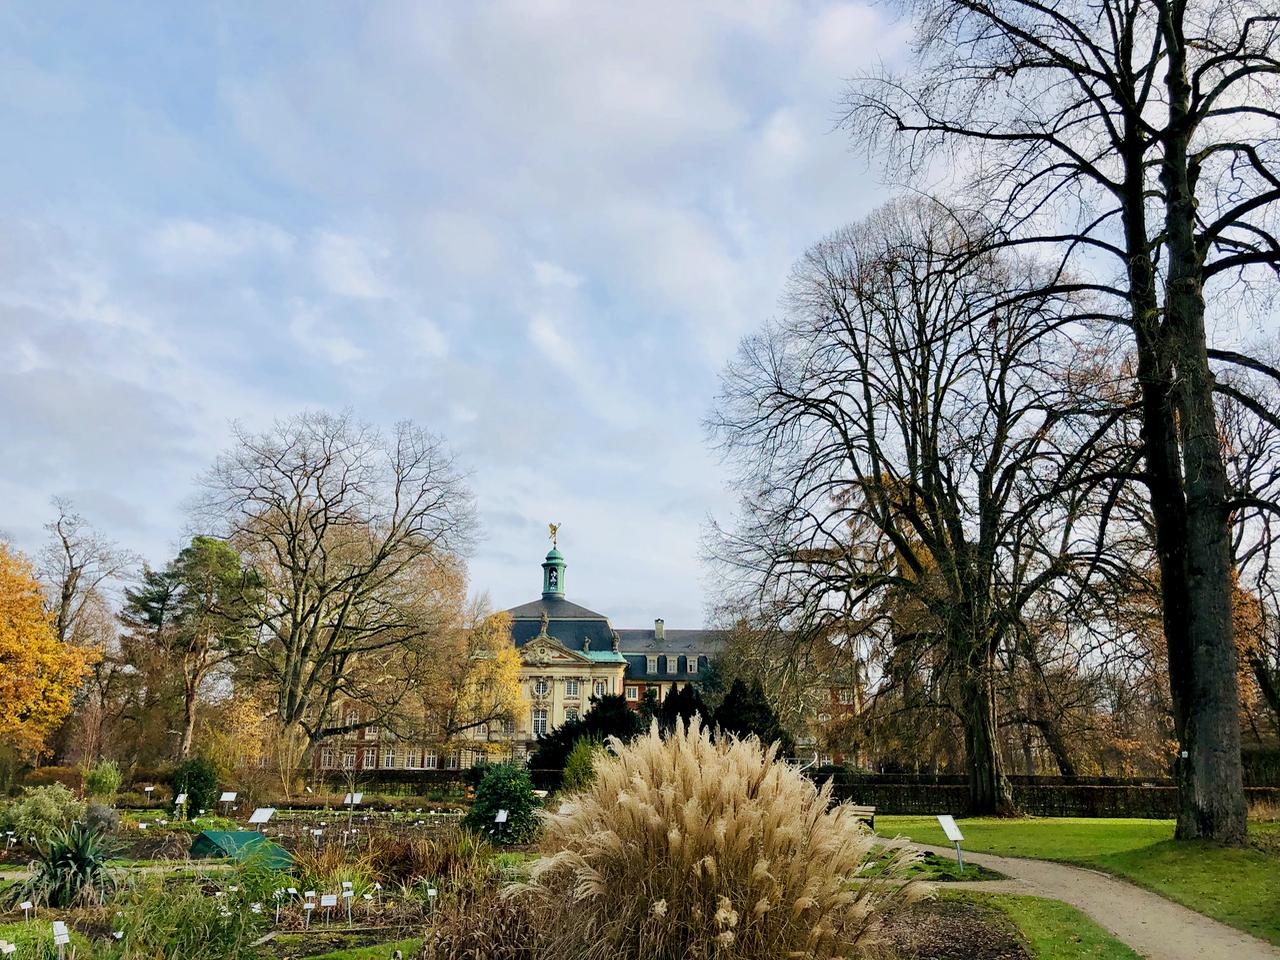 Blick aus dem Botanischen Garten Muenster zum Schloss Muenster